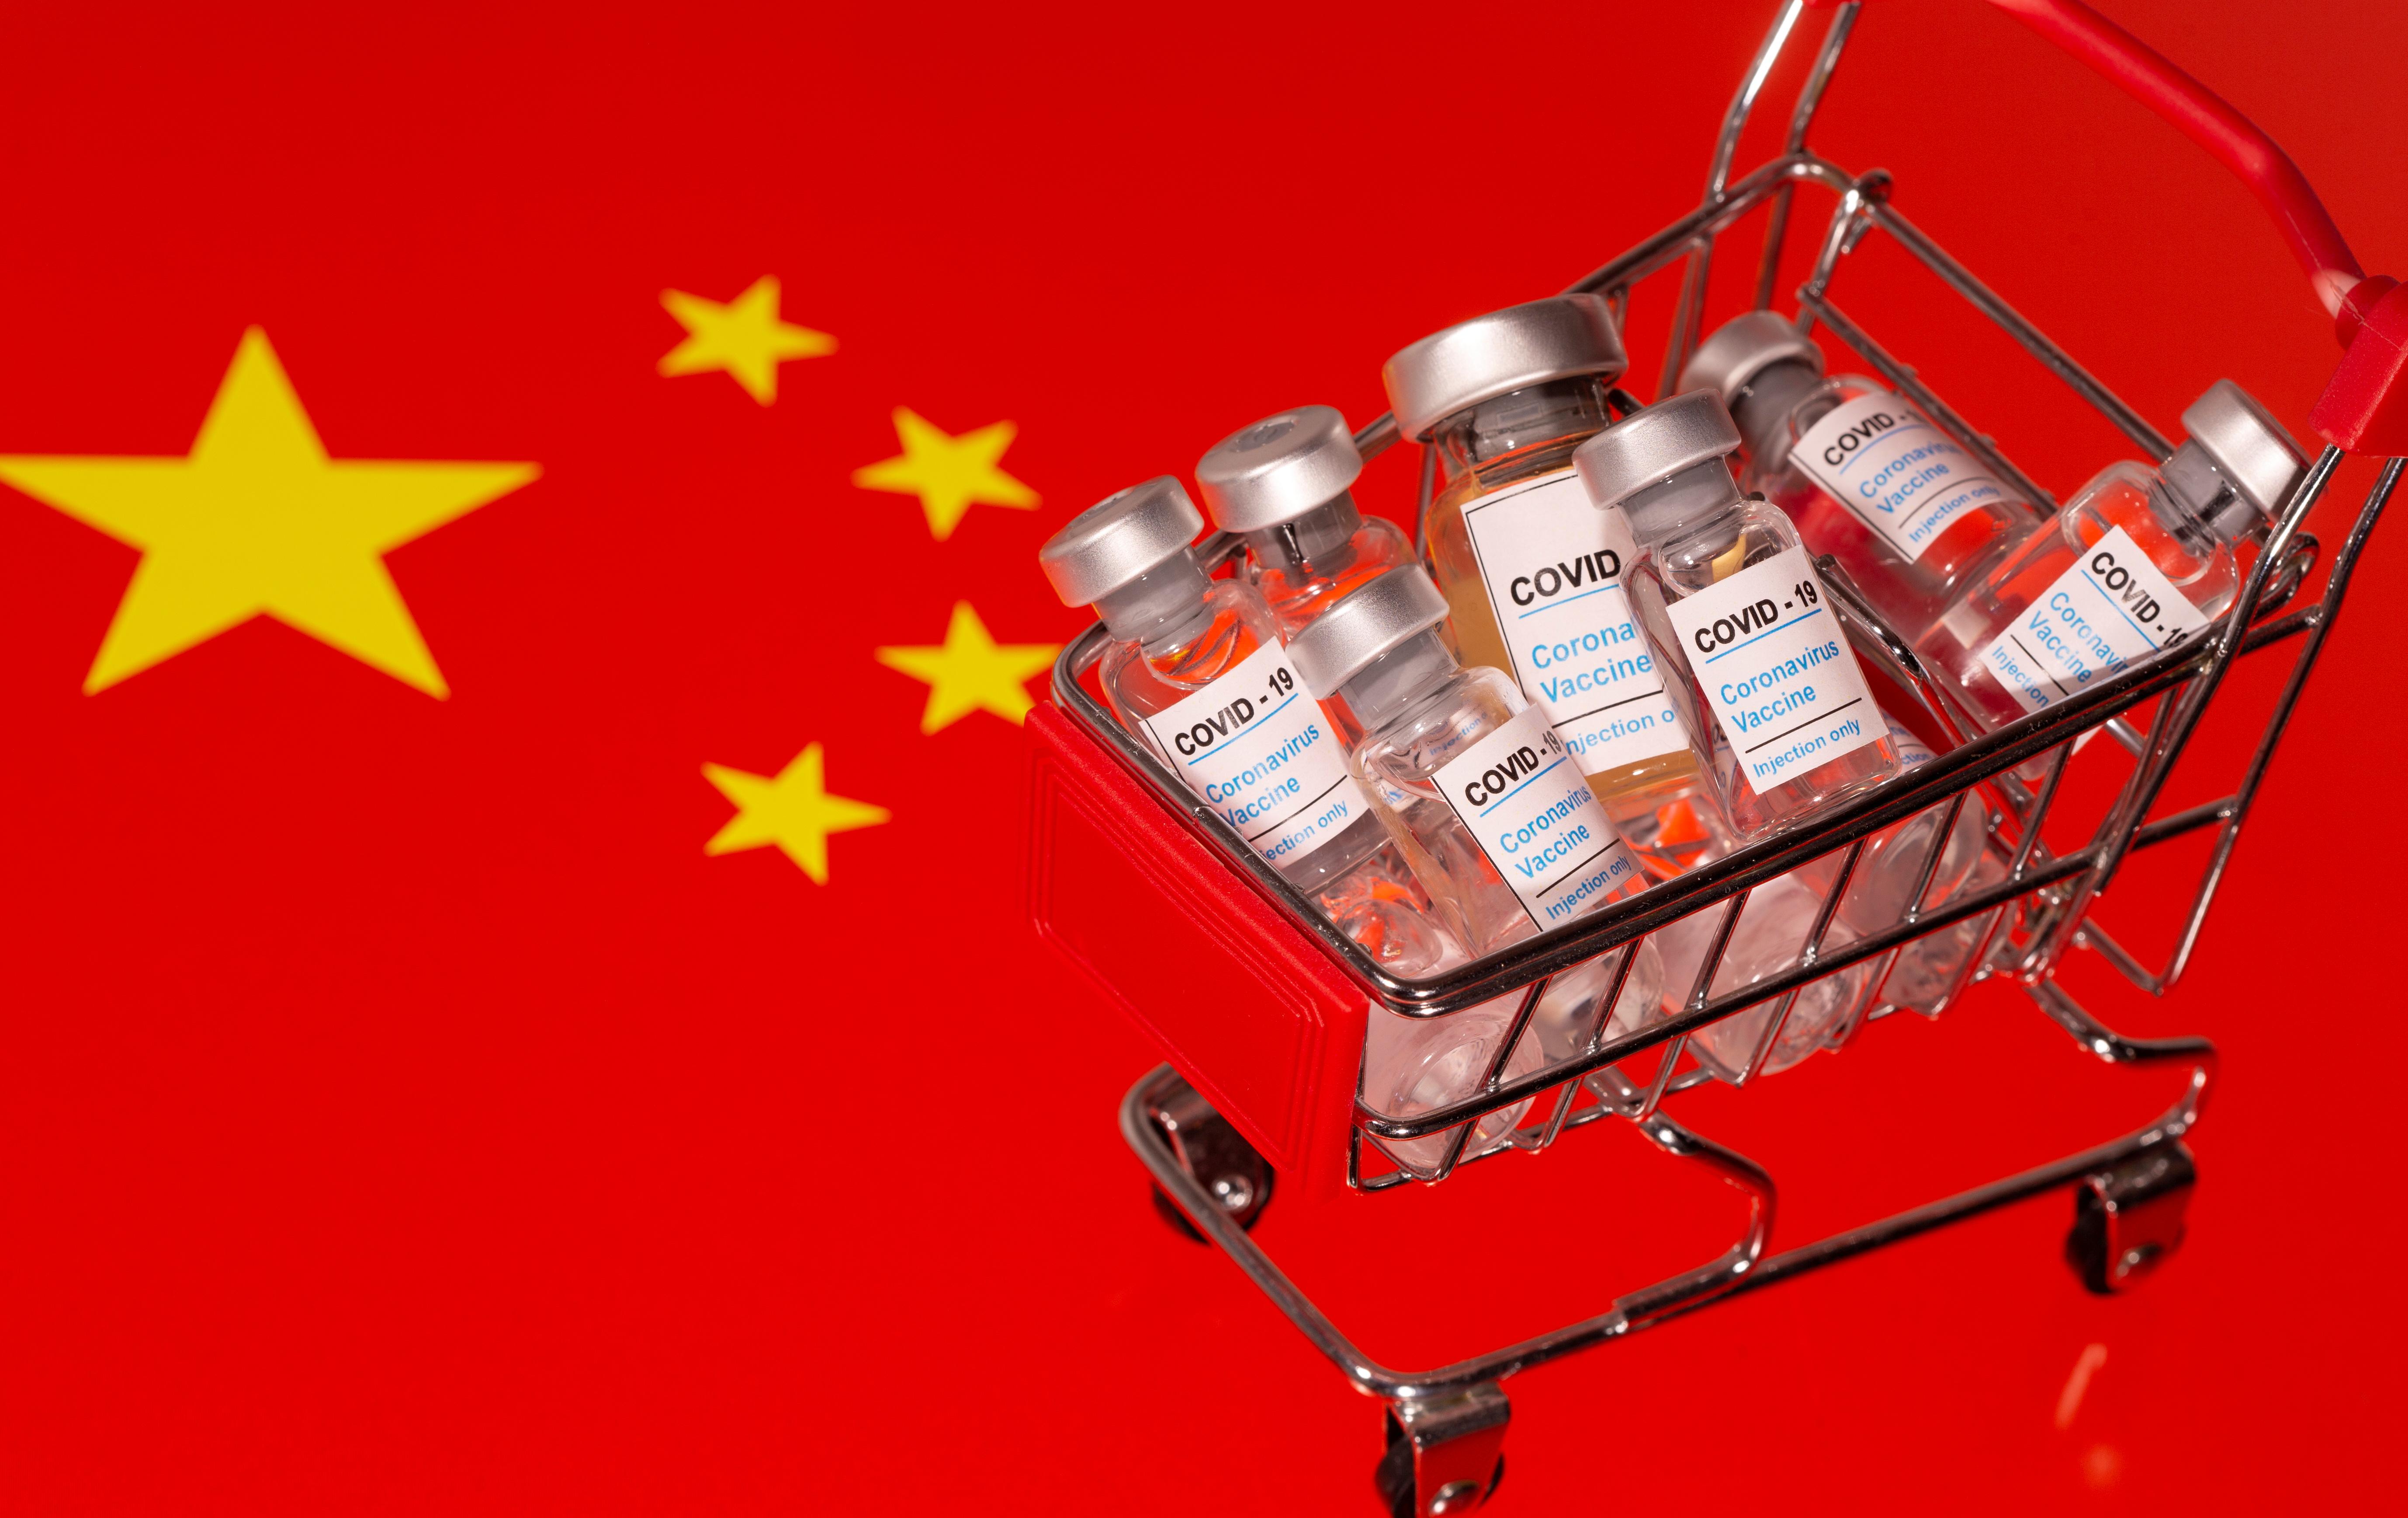 China's coronavirus vaccines